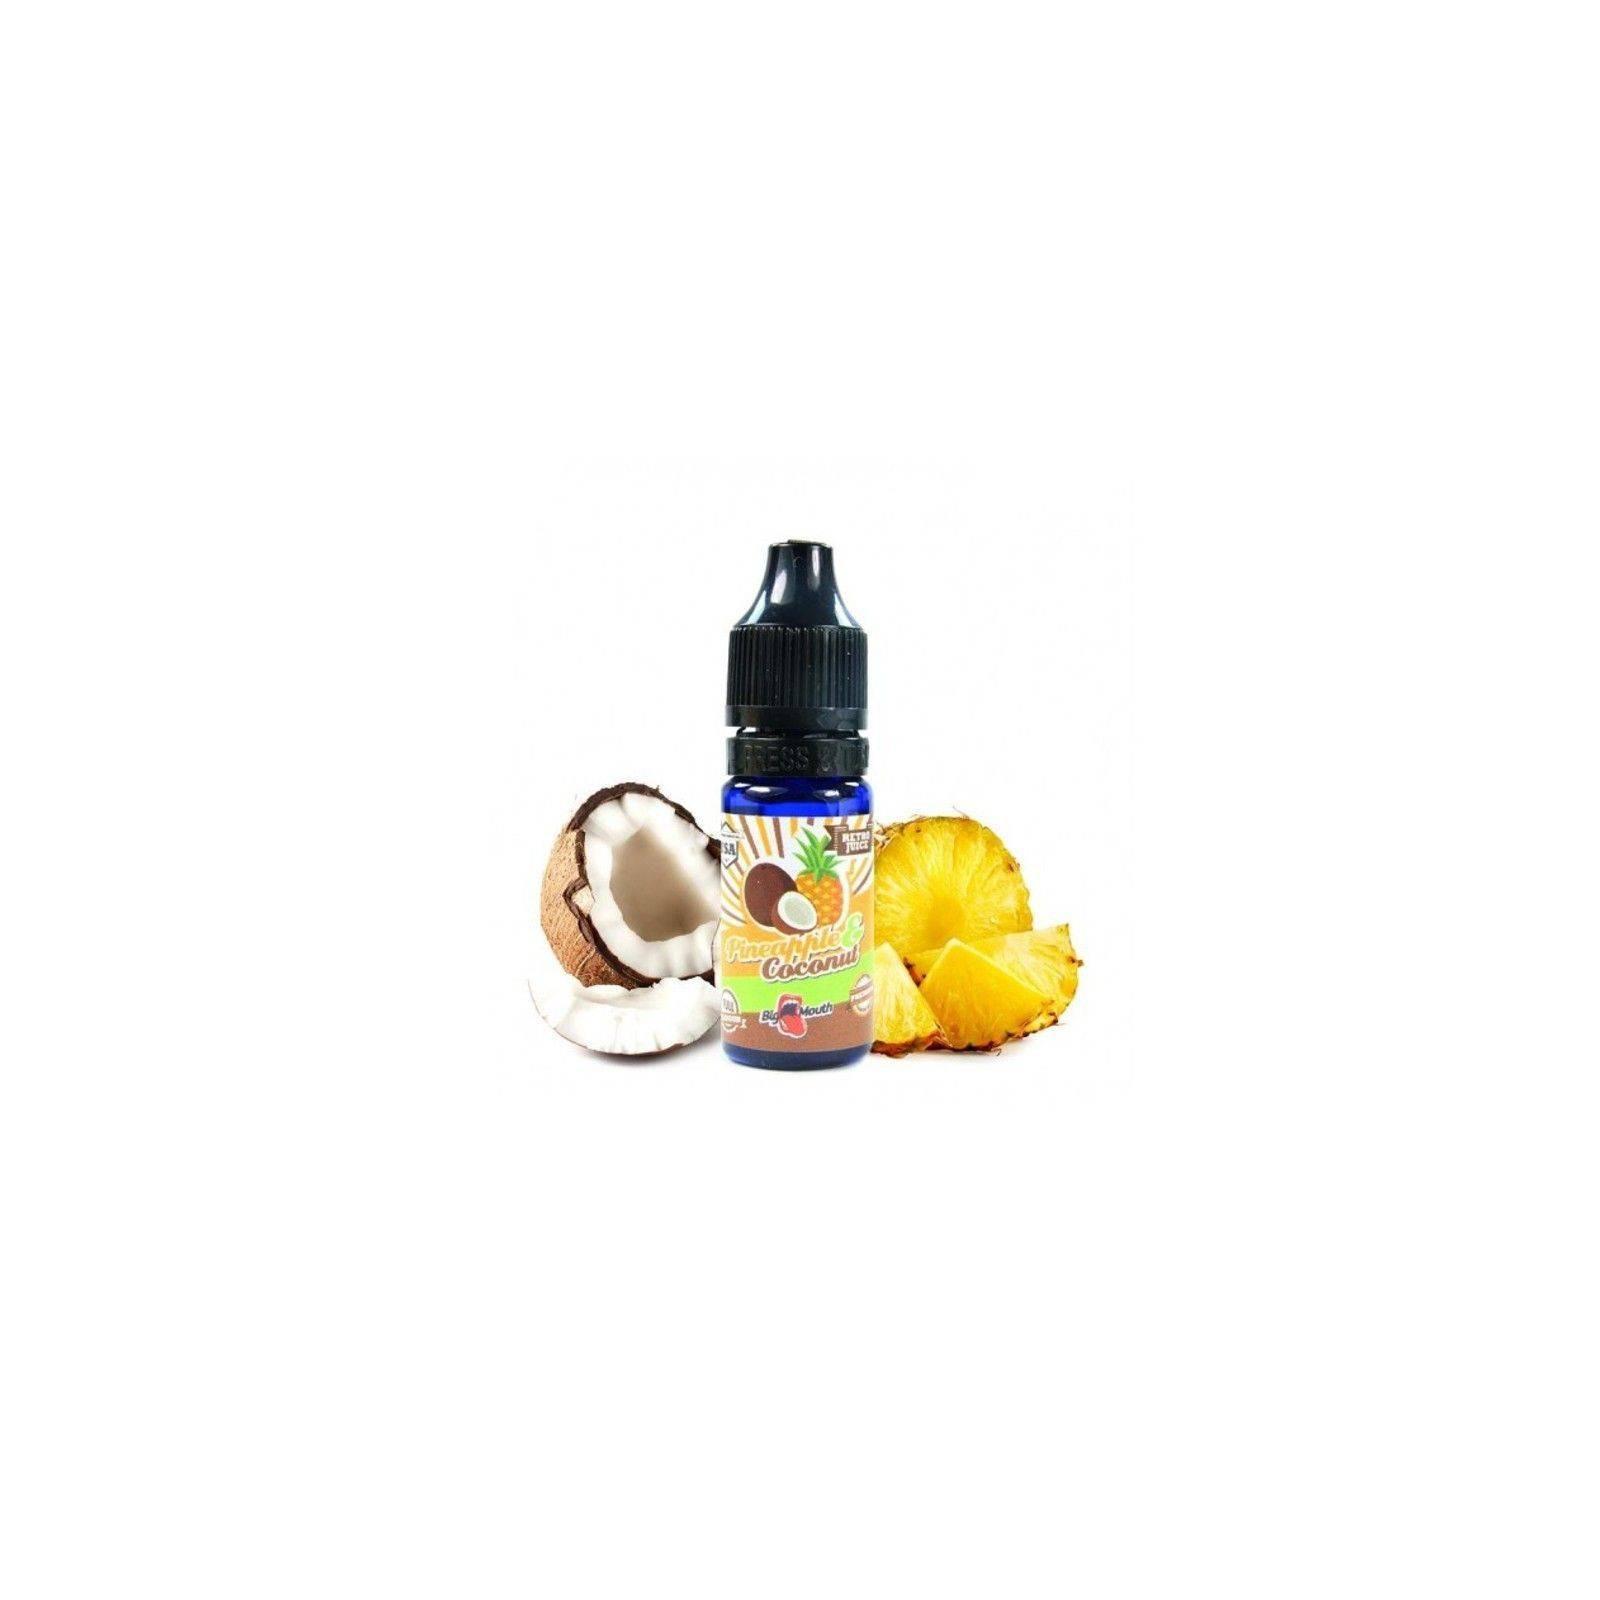 Concentré Pineapple & Coconut - Big Mouth Liquids